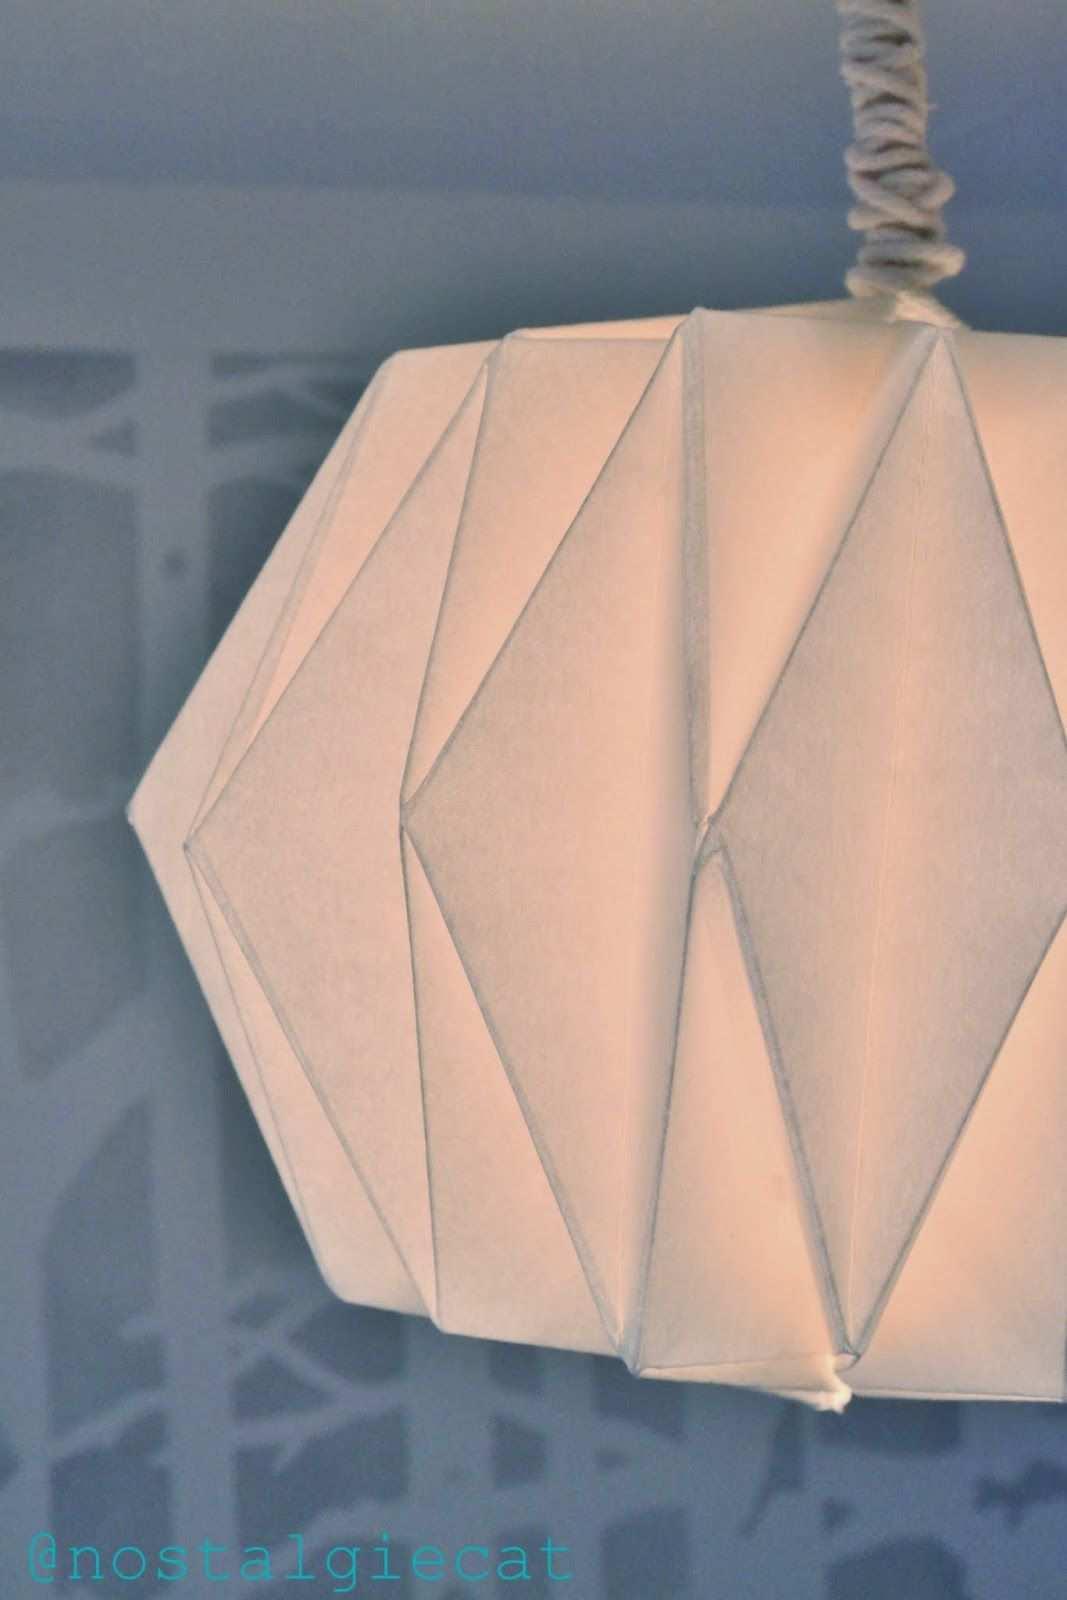 Nostalgiecat Diy Origami Paper Lampshade Lampenschirm Basteln Origami Lampenschirm Lampenschirm Papier